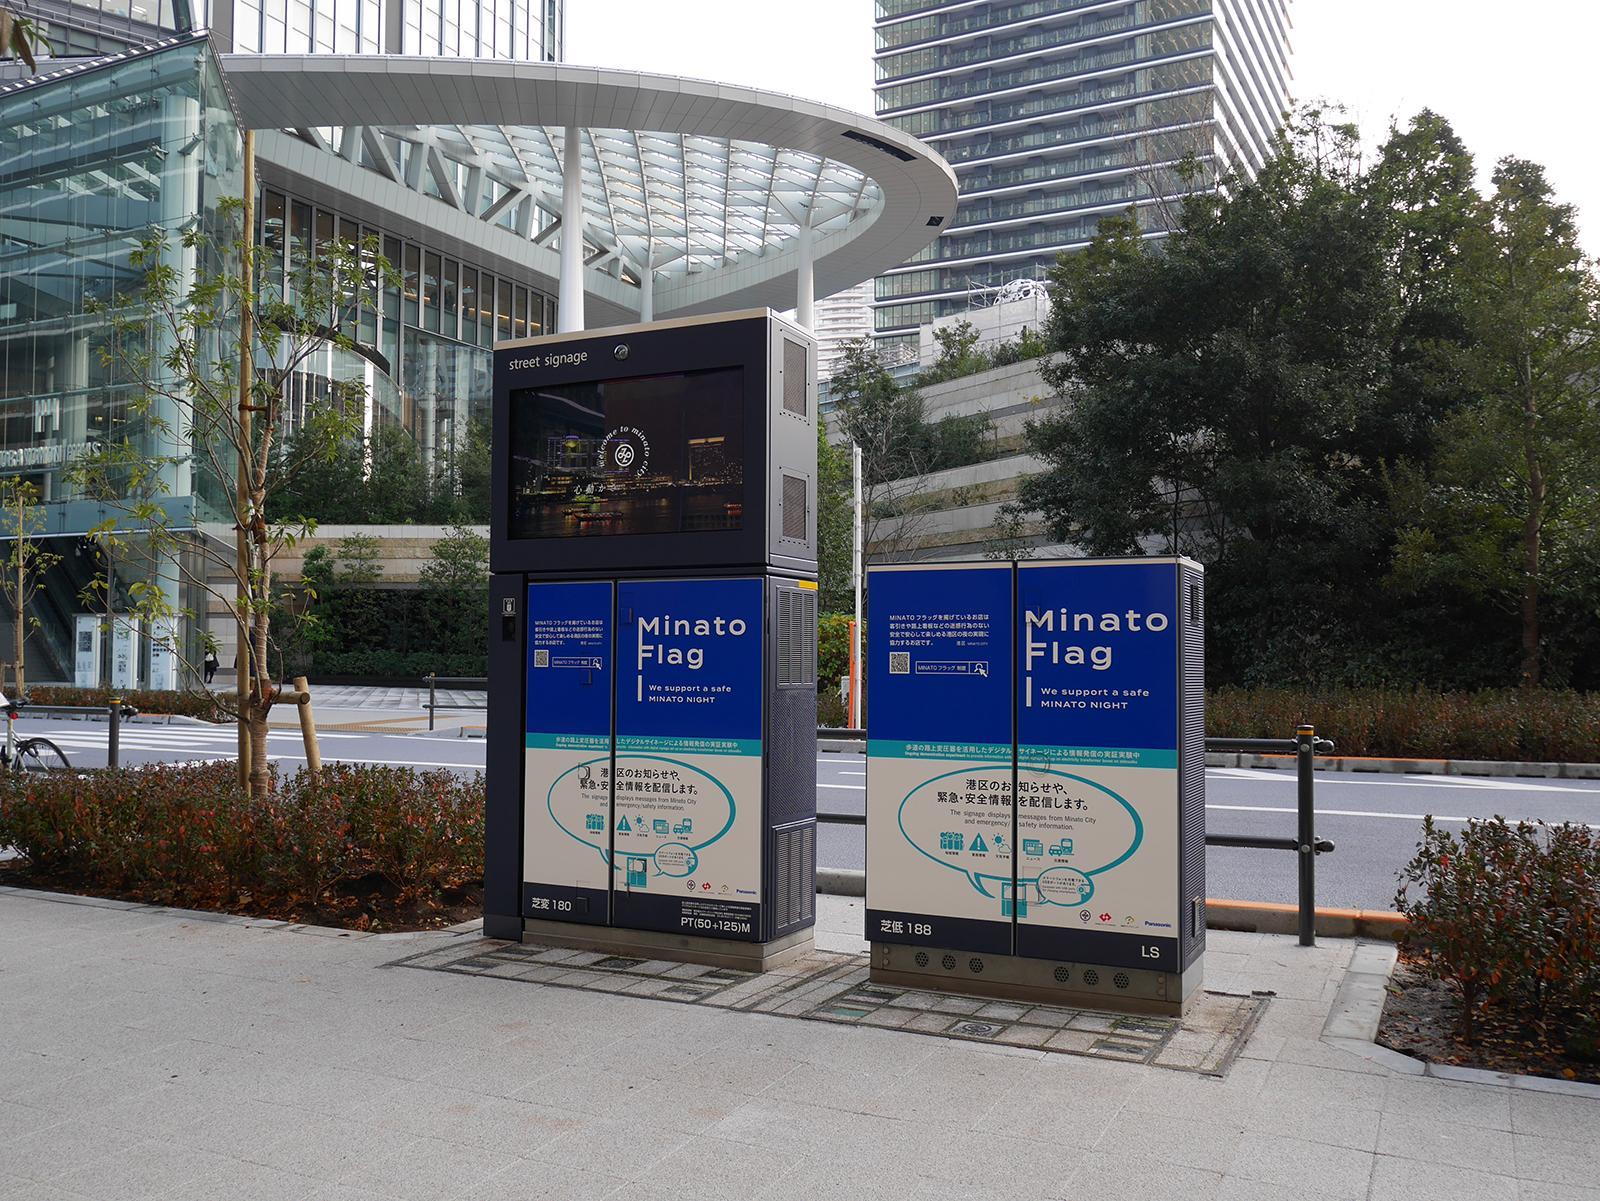 港区虎ノ門エリアに設置されたデジタルサイネージ搭載の路上変圧器